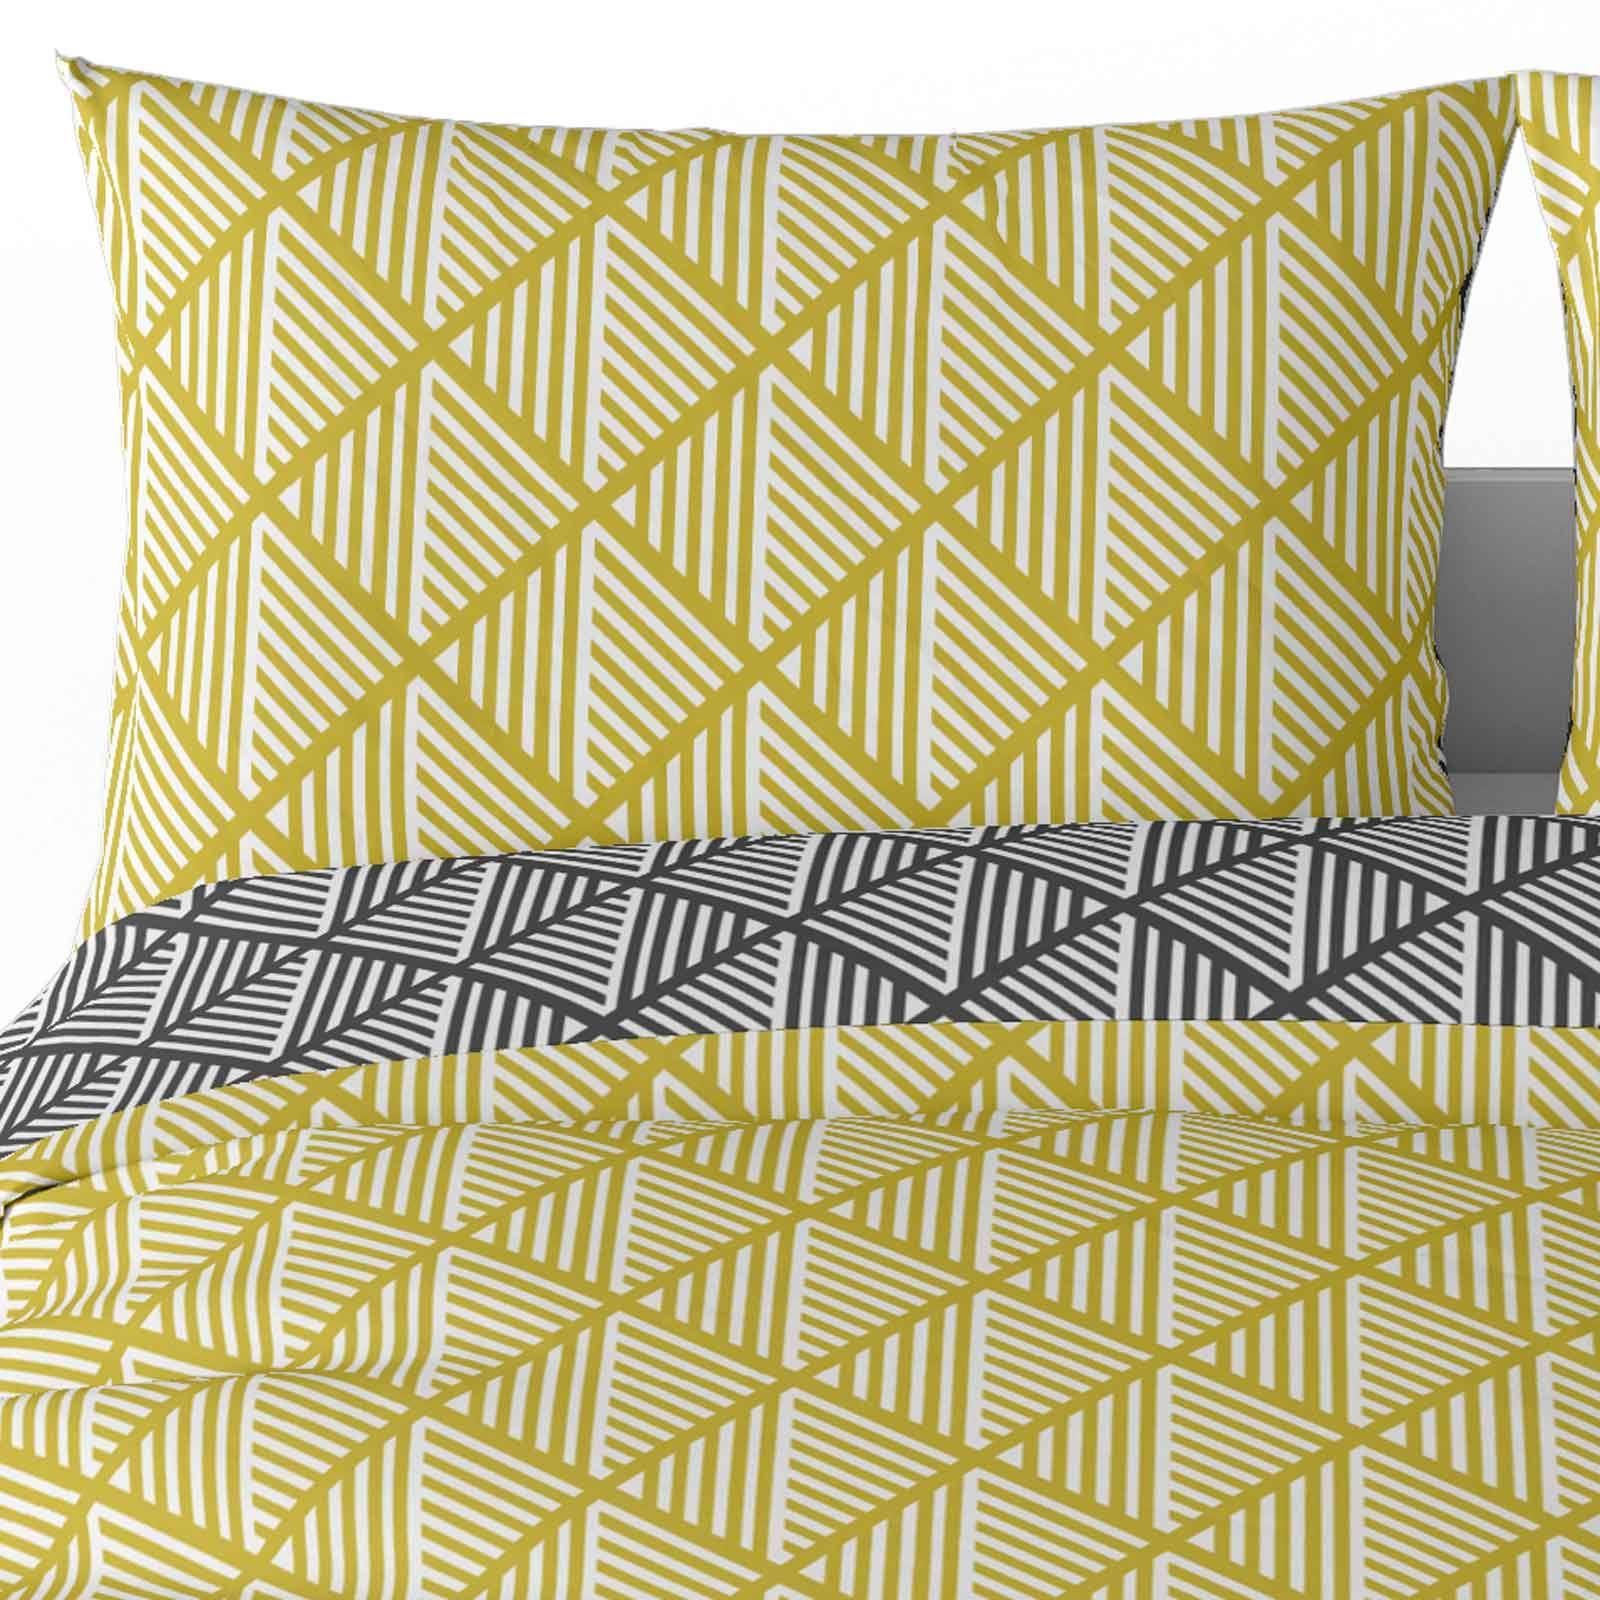 Mostaza-amarillo-ocre-Funda-de-edredon-impreso-Edredon-juego-ropa-de-cama-cubre-conjuntos miniatura 27